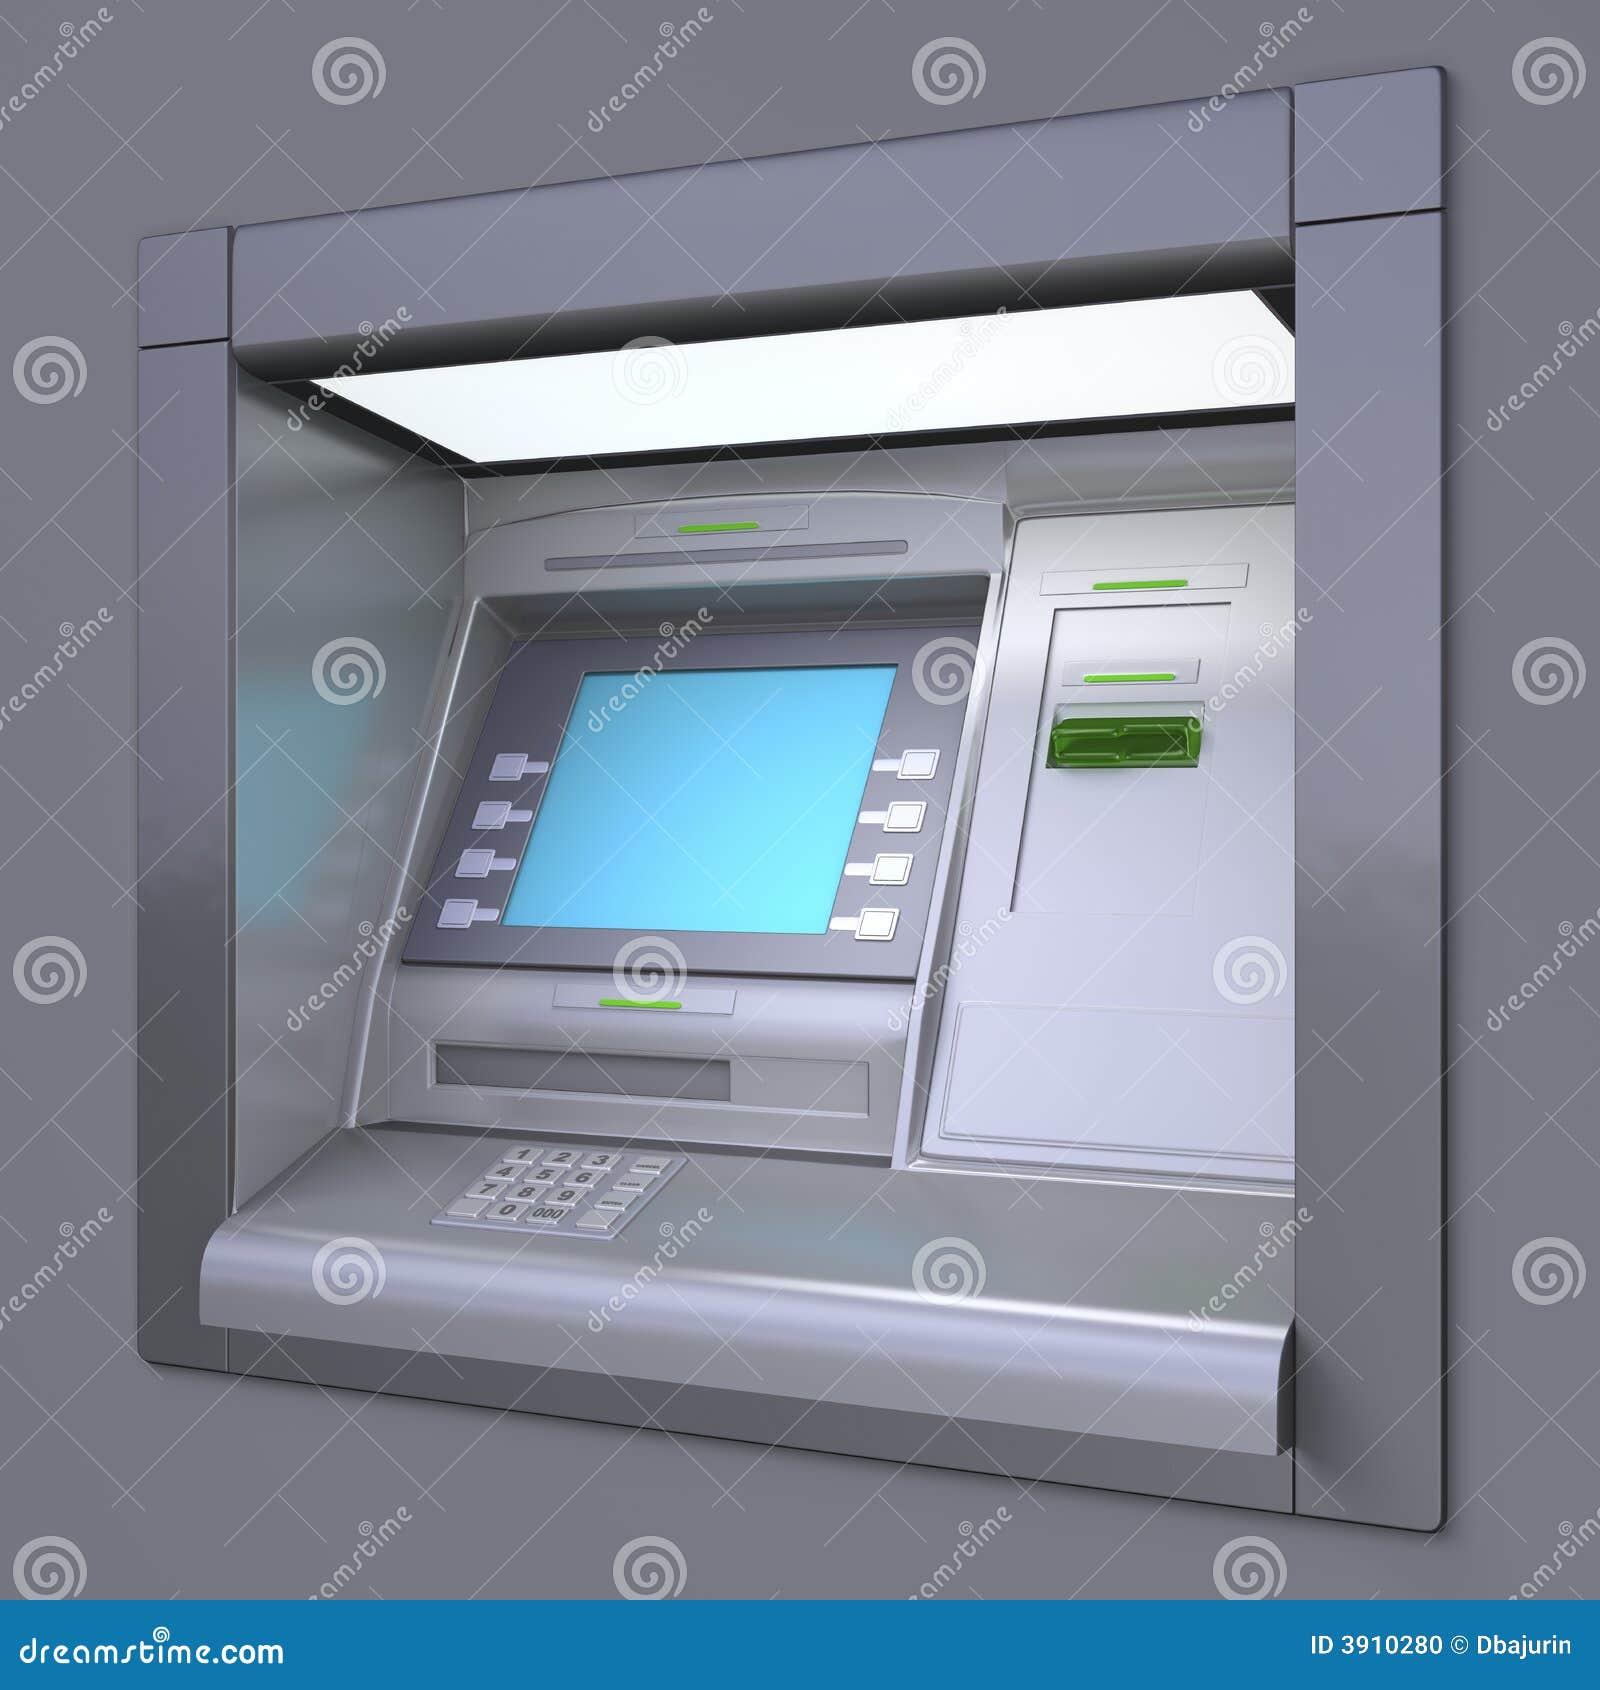 atm machine images